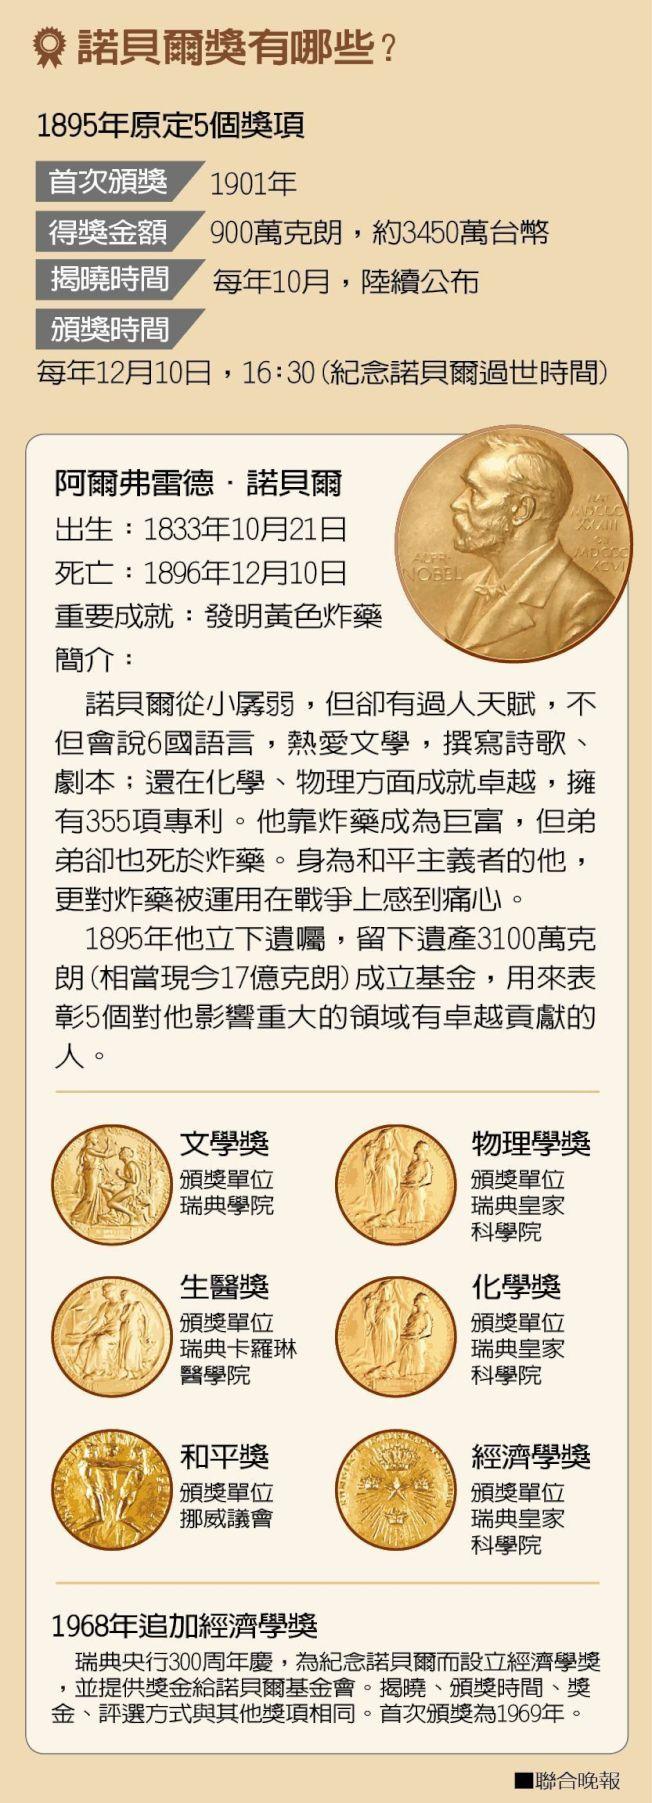 諾貝爾獎有哪些